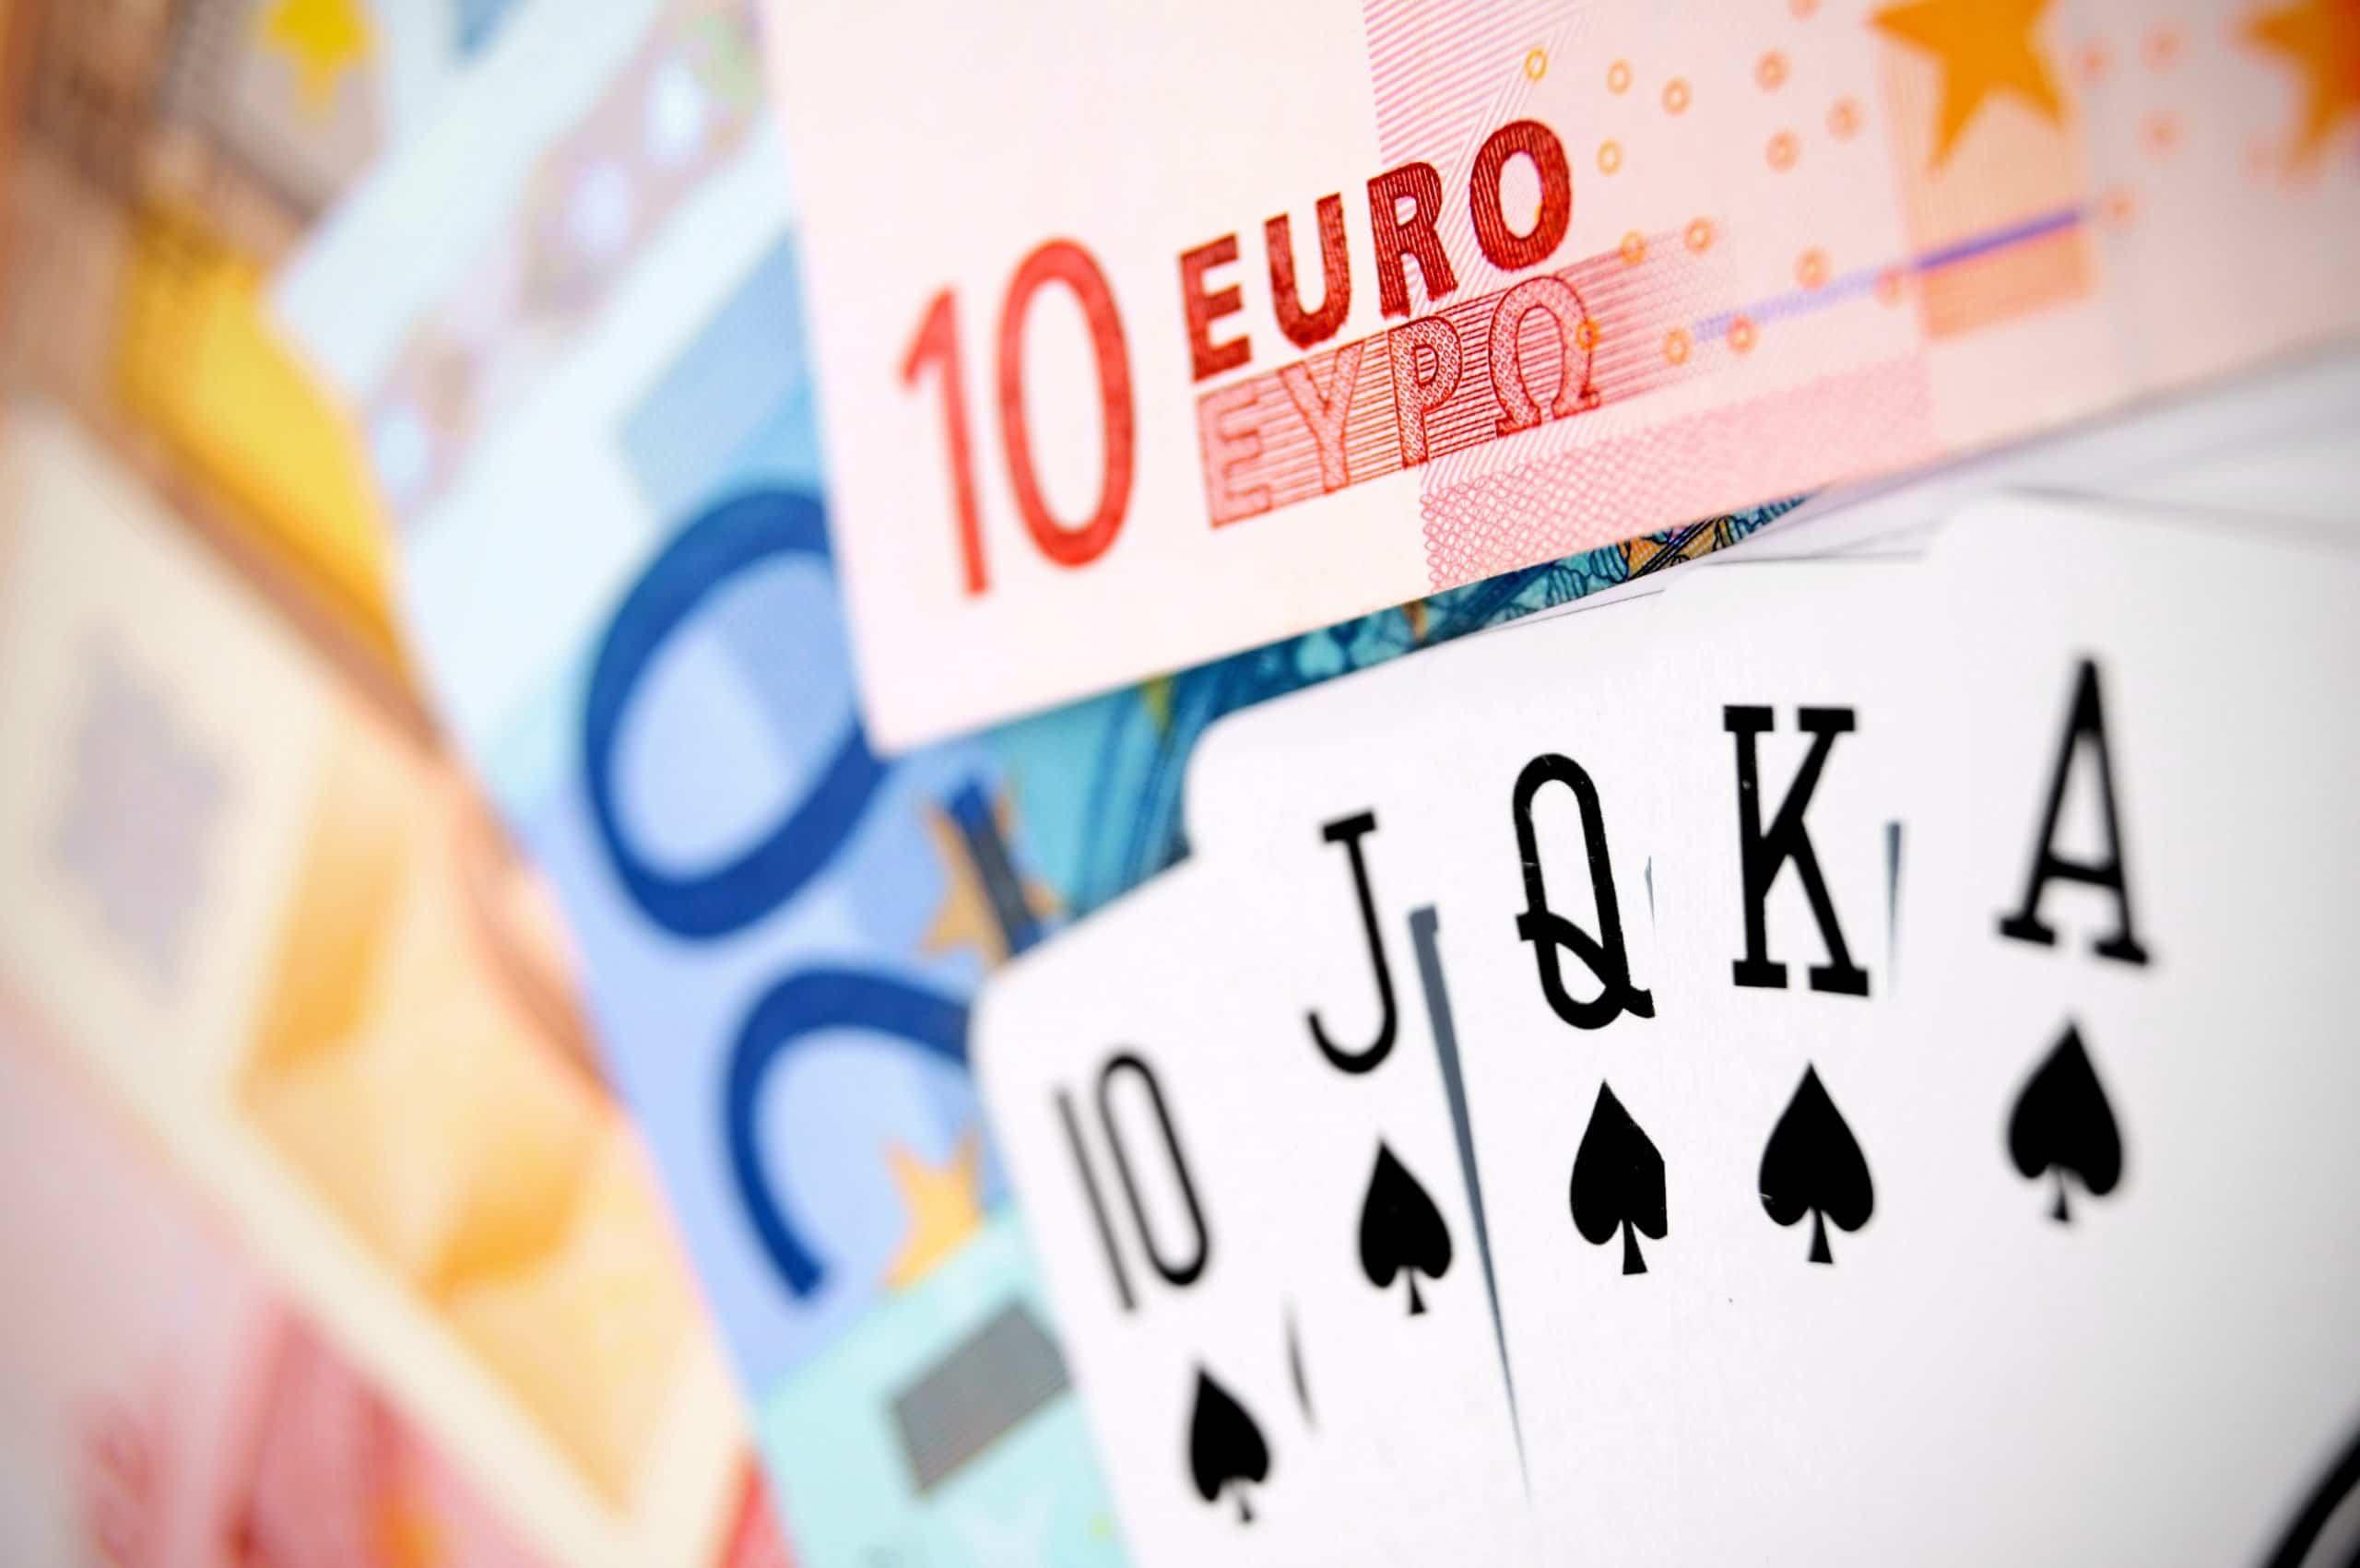 Spelen met echt geld